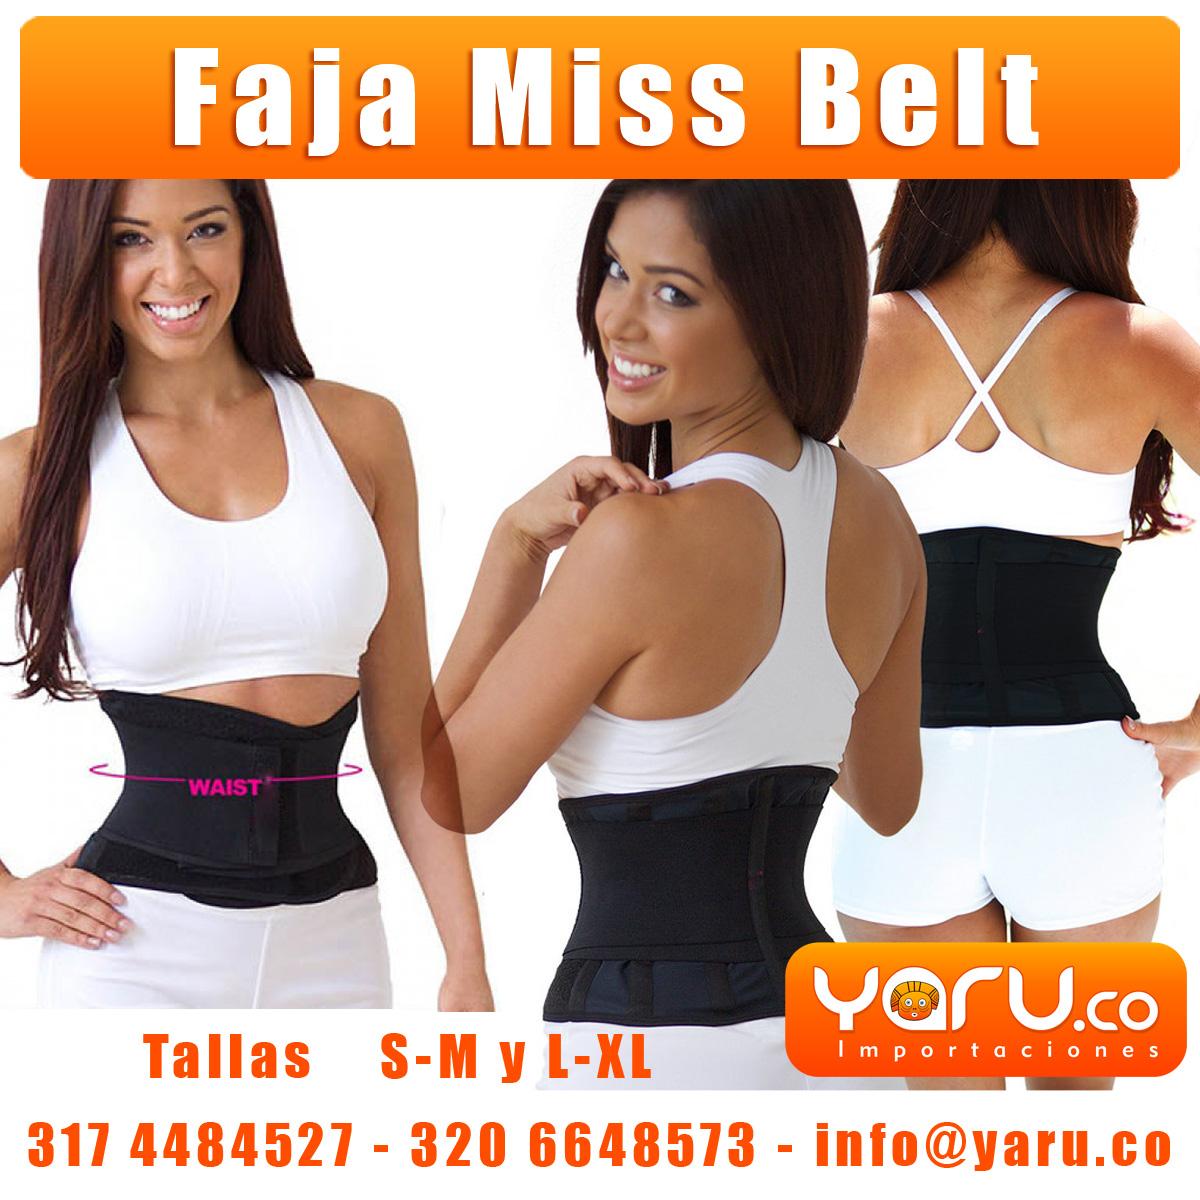 a036c8b612ec Promocion Faja MissBelt AA Negra 2x1 Cintura de Avispa - YARU ...